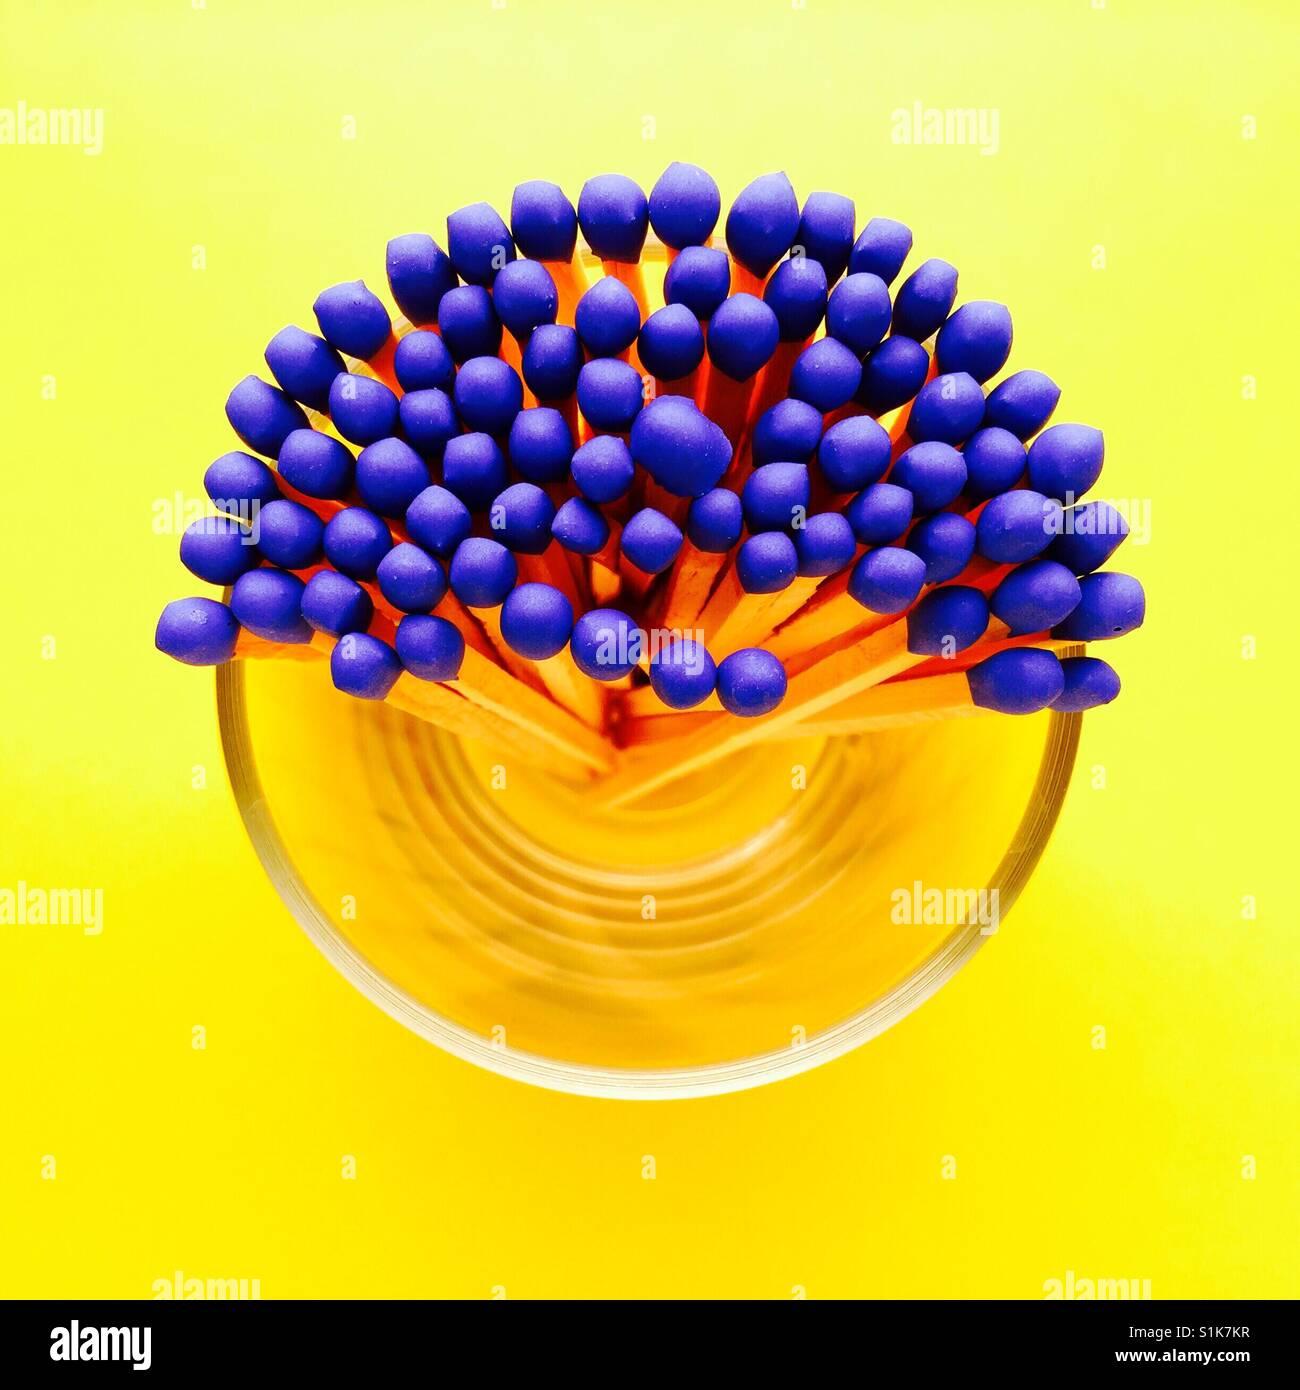 Un passage tiré d'un récipient en verre à moitié plein d'allumettes à pointe bleue Photo Stock